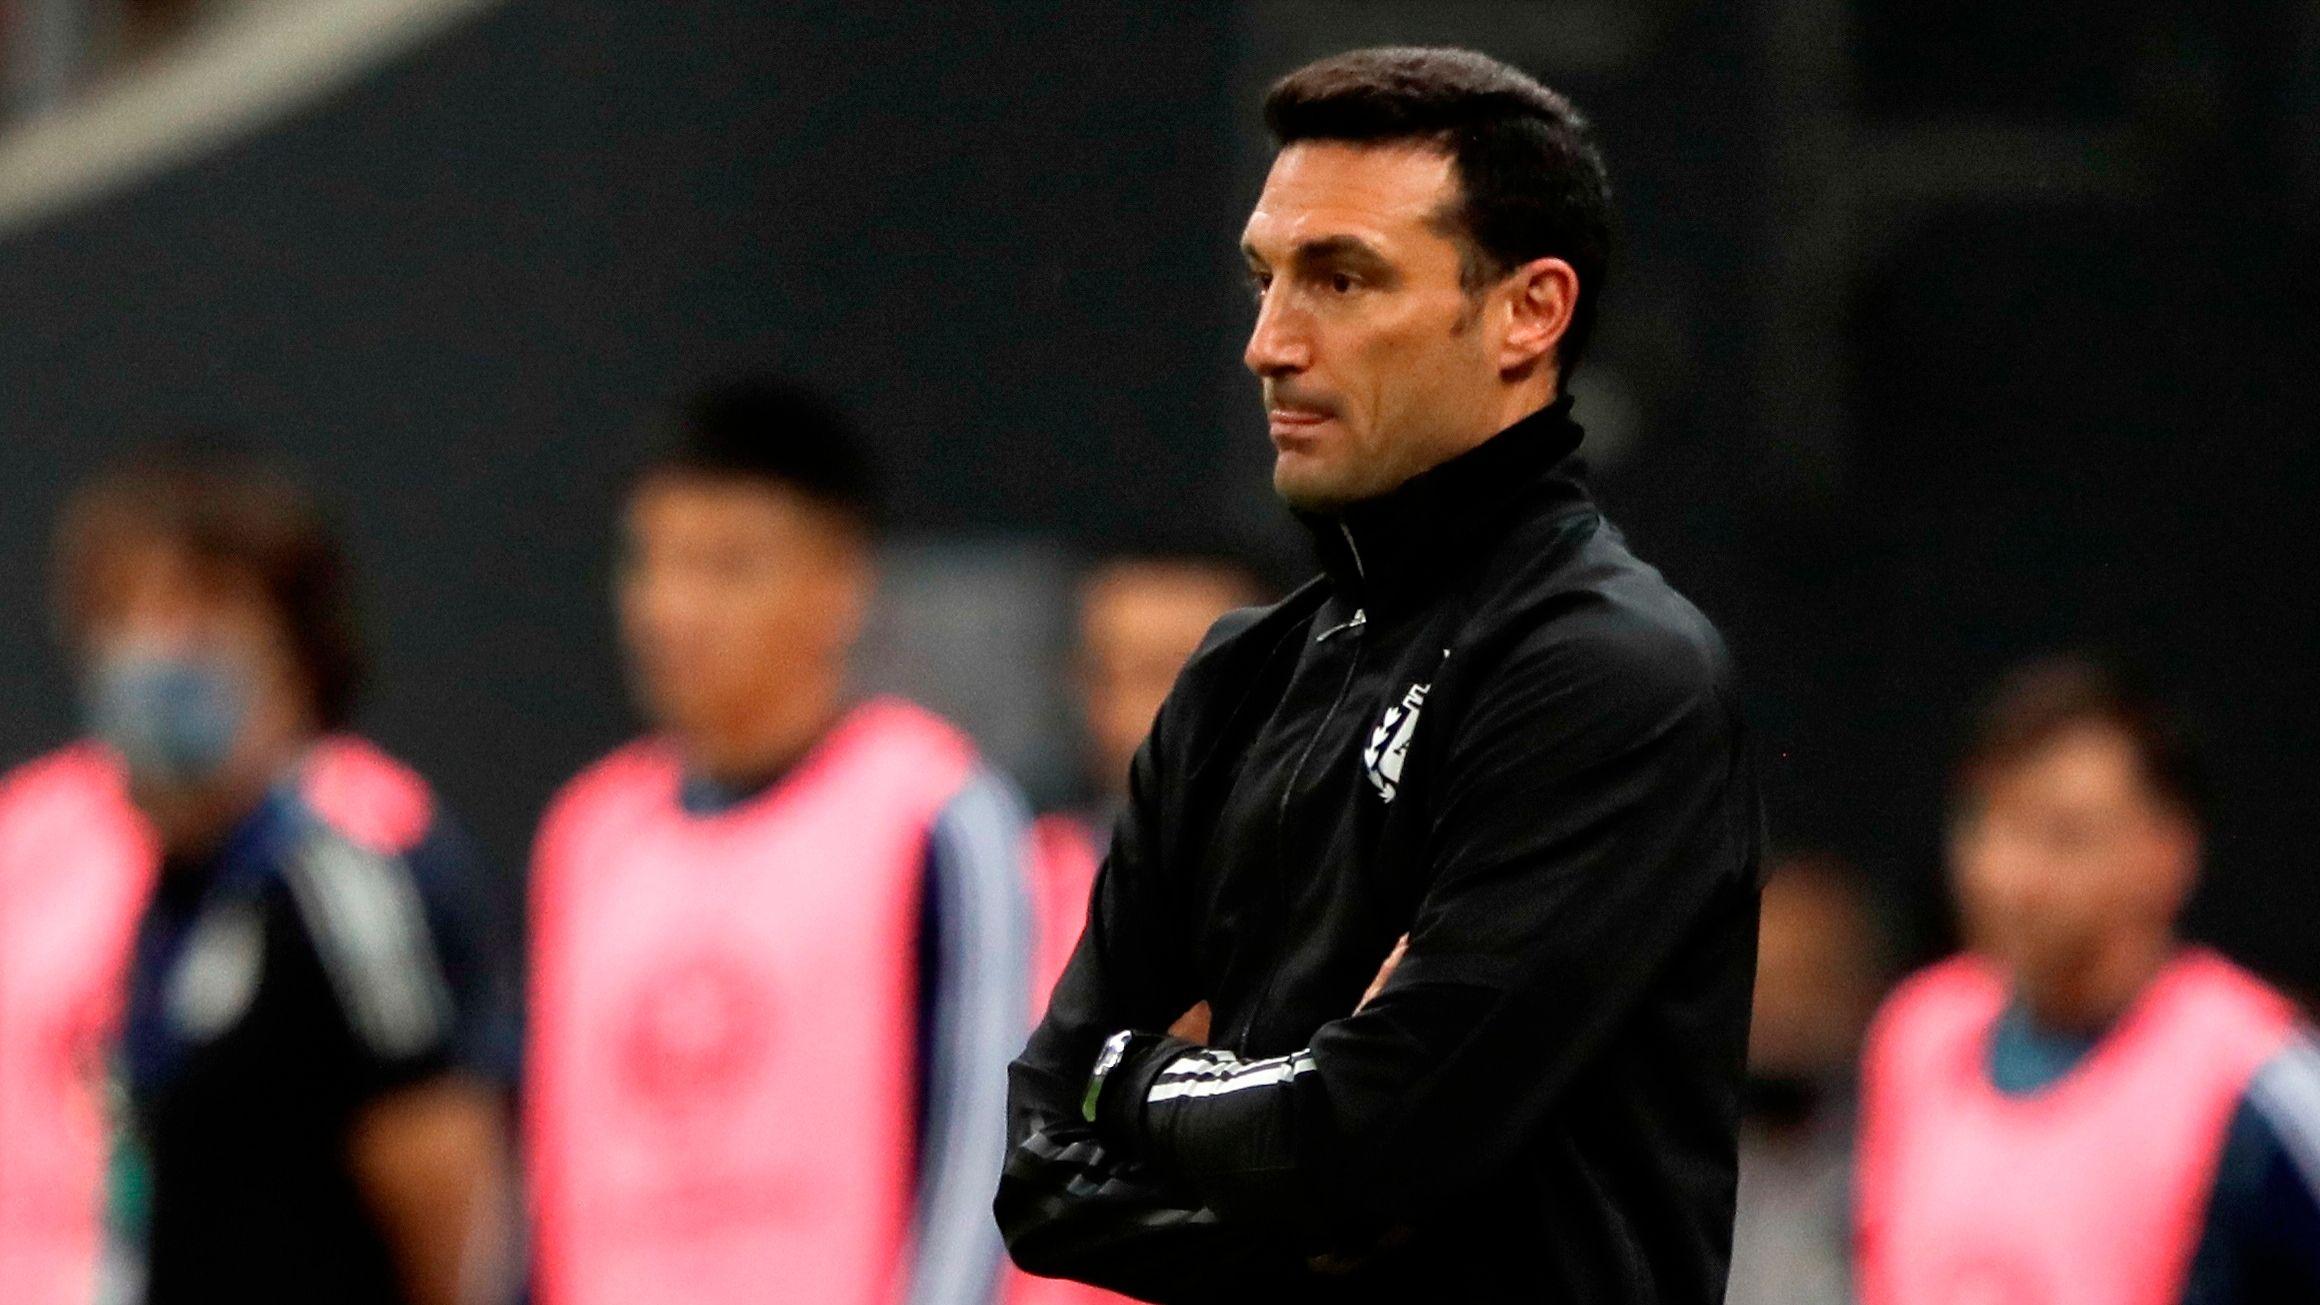 El técnico de la selección argentina, Lionel Scaloni, aseguró que Lionel Messi está en condiciones de enfrentar a Brasil luego de la dura patada que recibió en el último partido ante Venezuela (EFE/Joédson Alves)